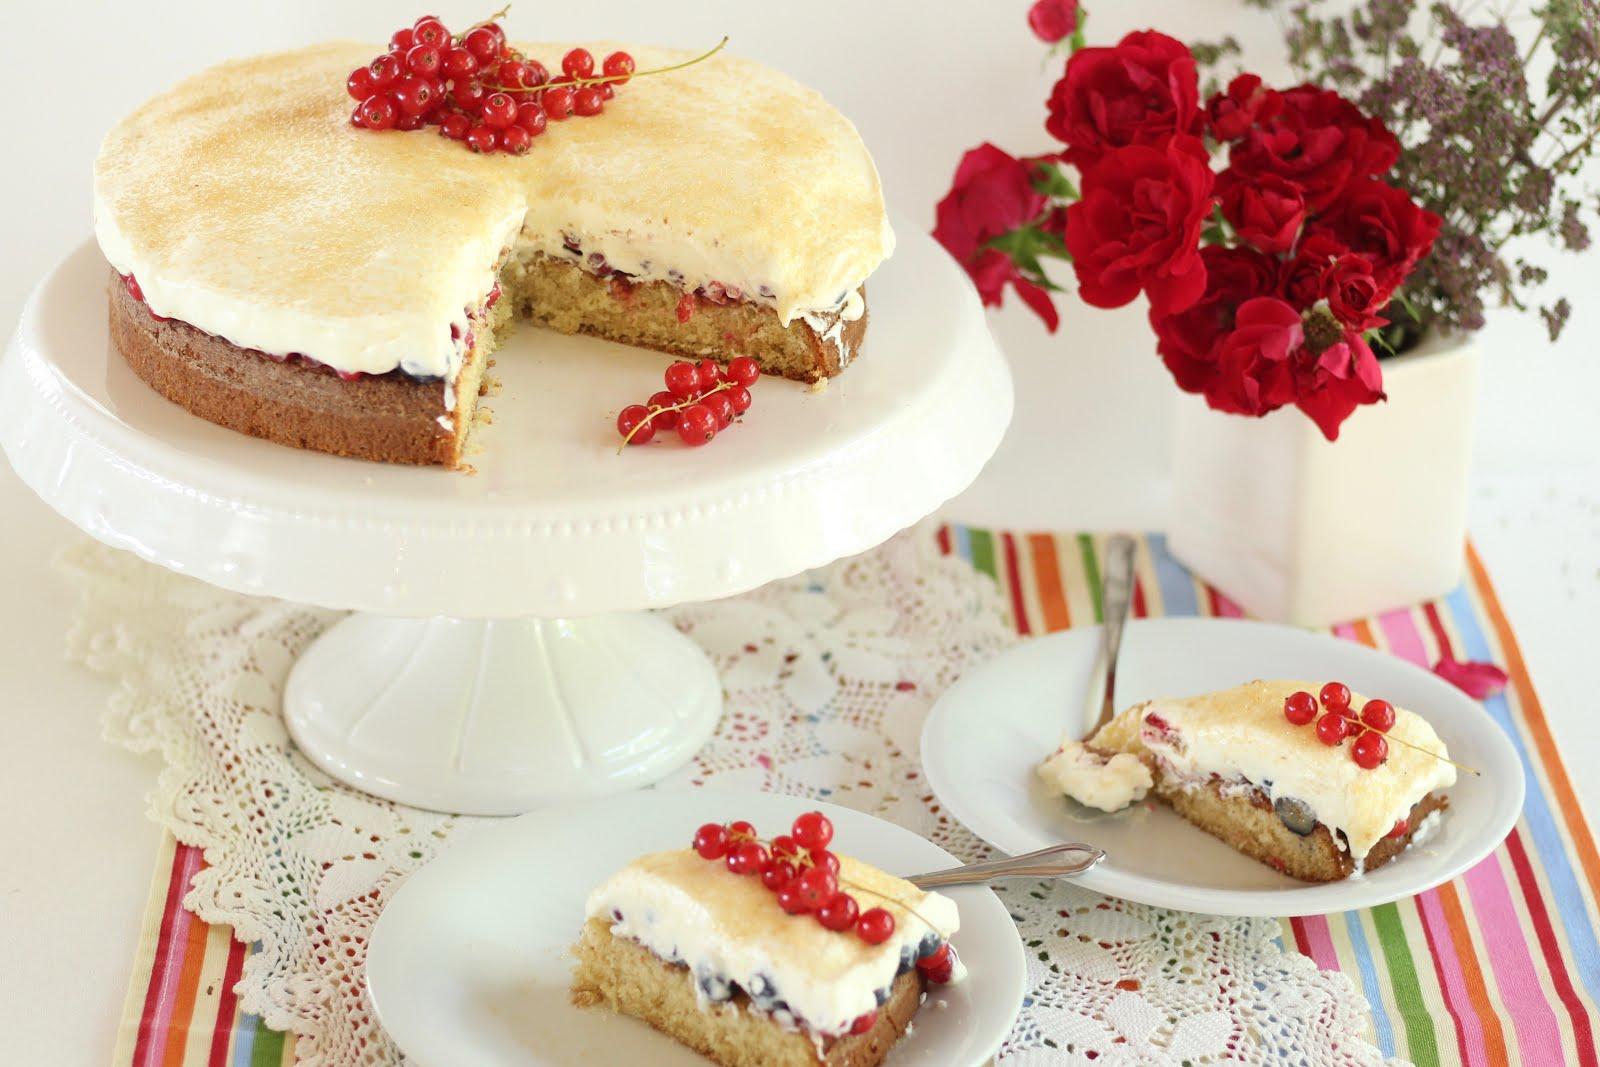 Kuchen und Torten - SUGARPRINCESS cover image